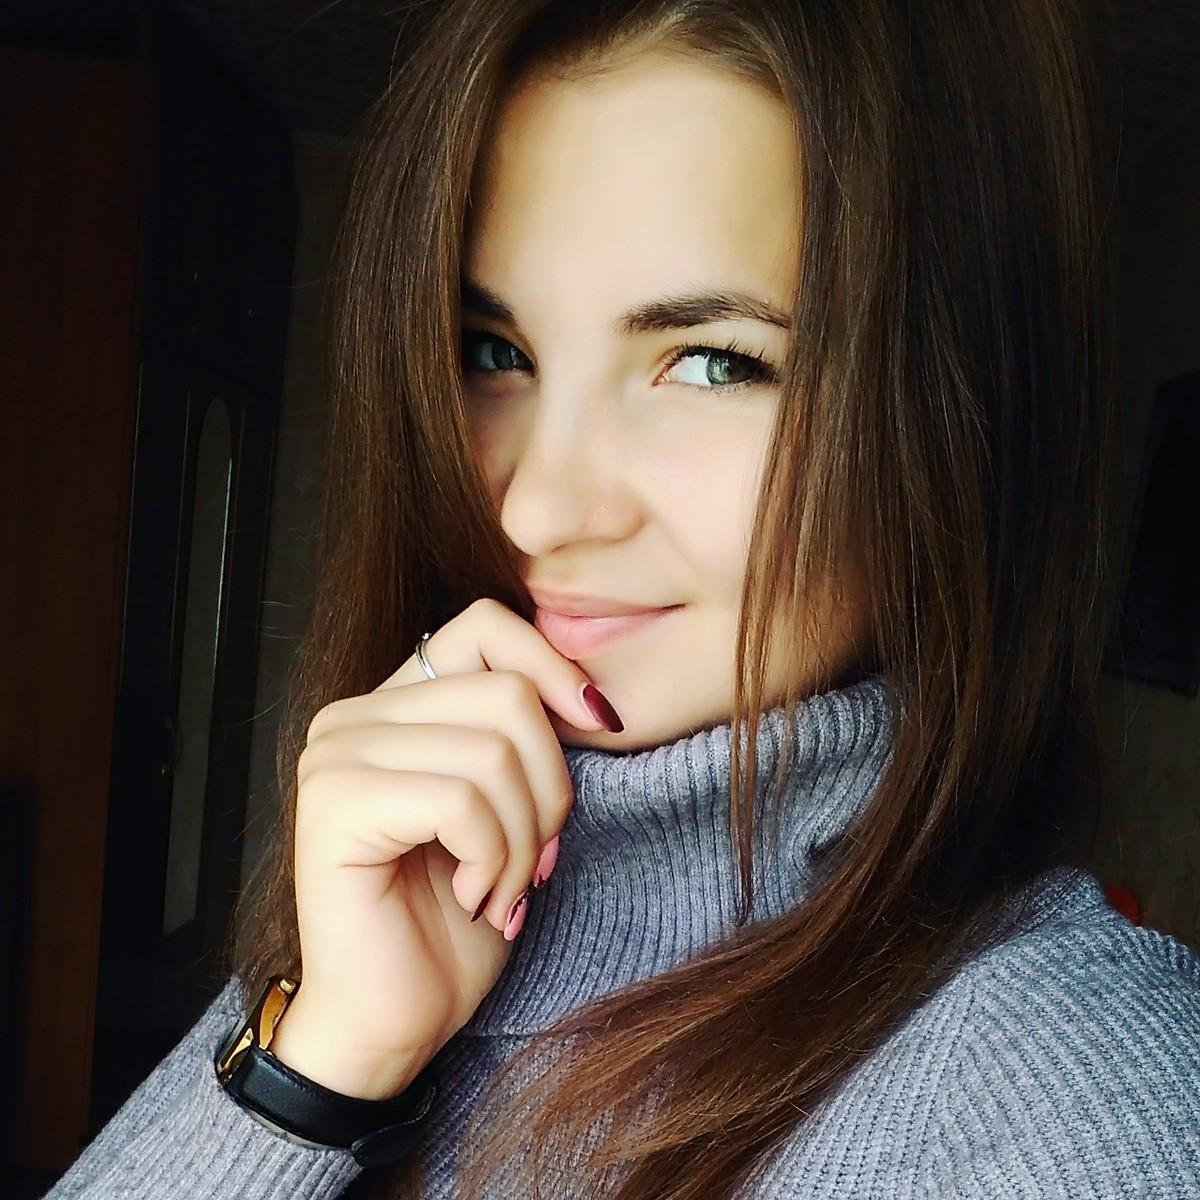 Знакомства Самара, фото девушки Анастасия, 21 год, познакомится для флирта, любви и романтики, cерьезных отношений